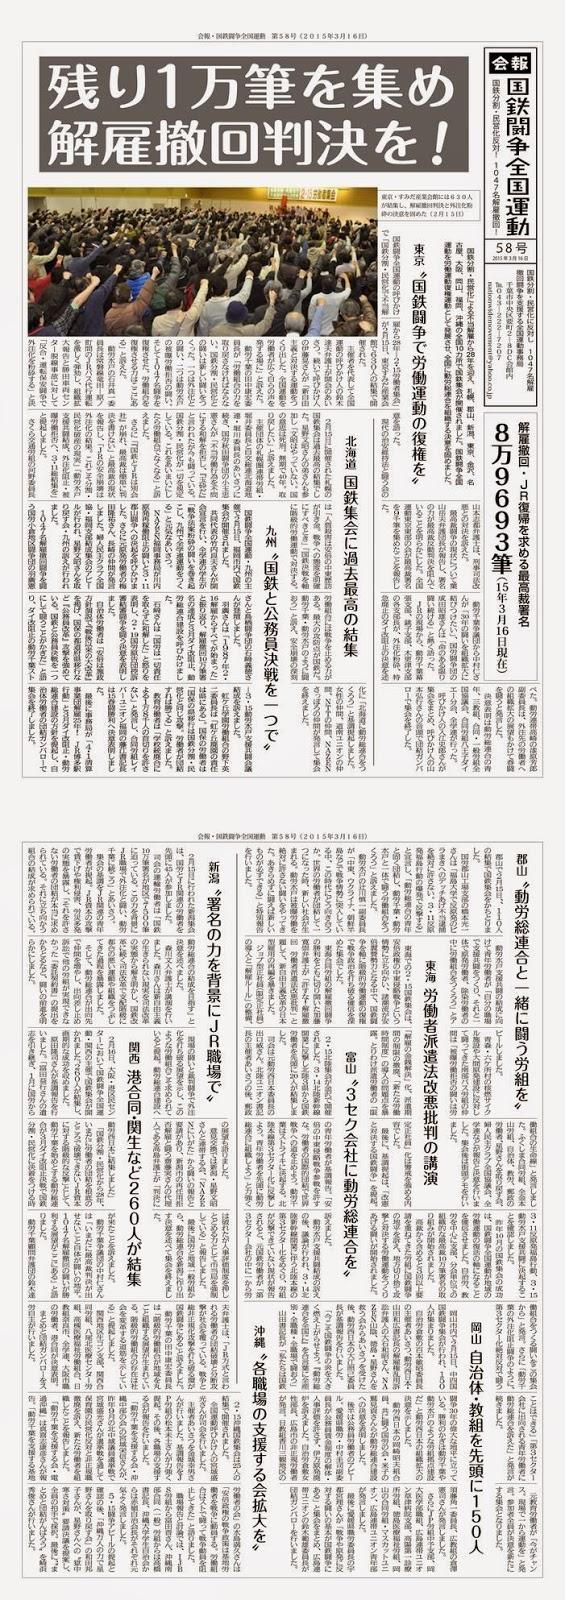 http://www.doro-chiba.org/z-undou/pdf/news_58.pdf